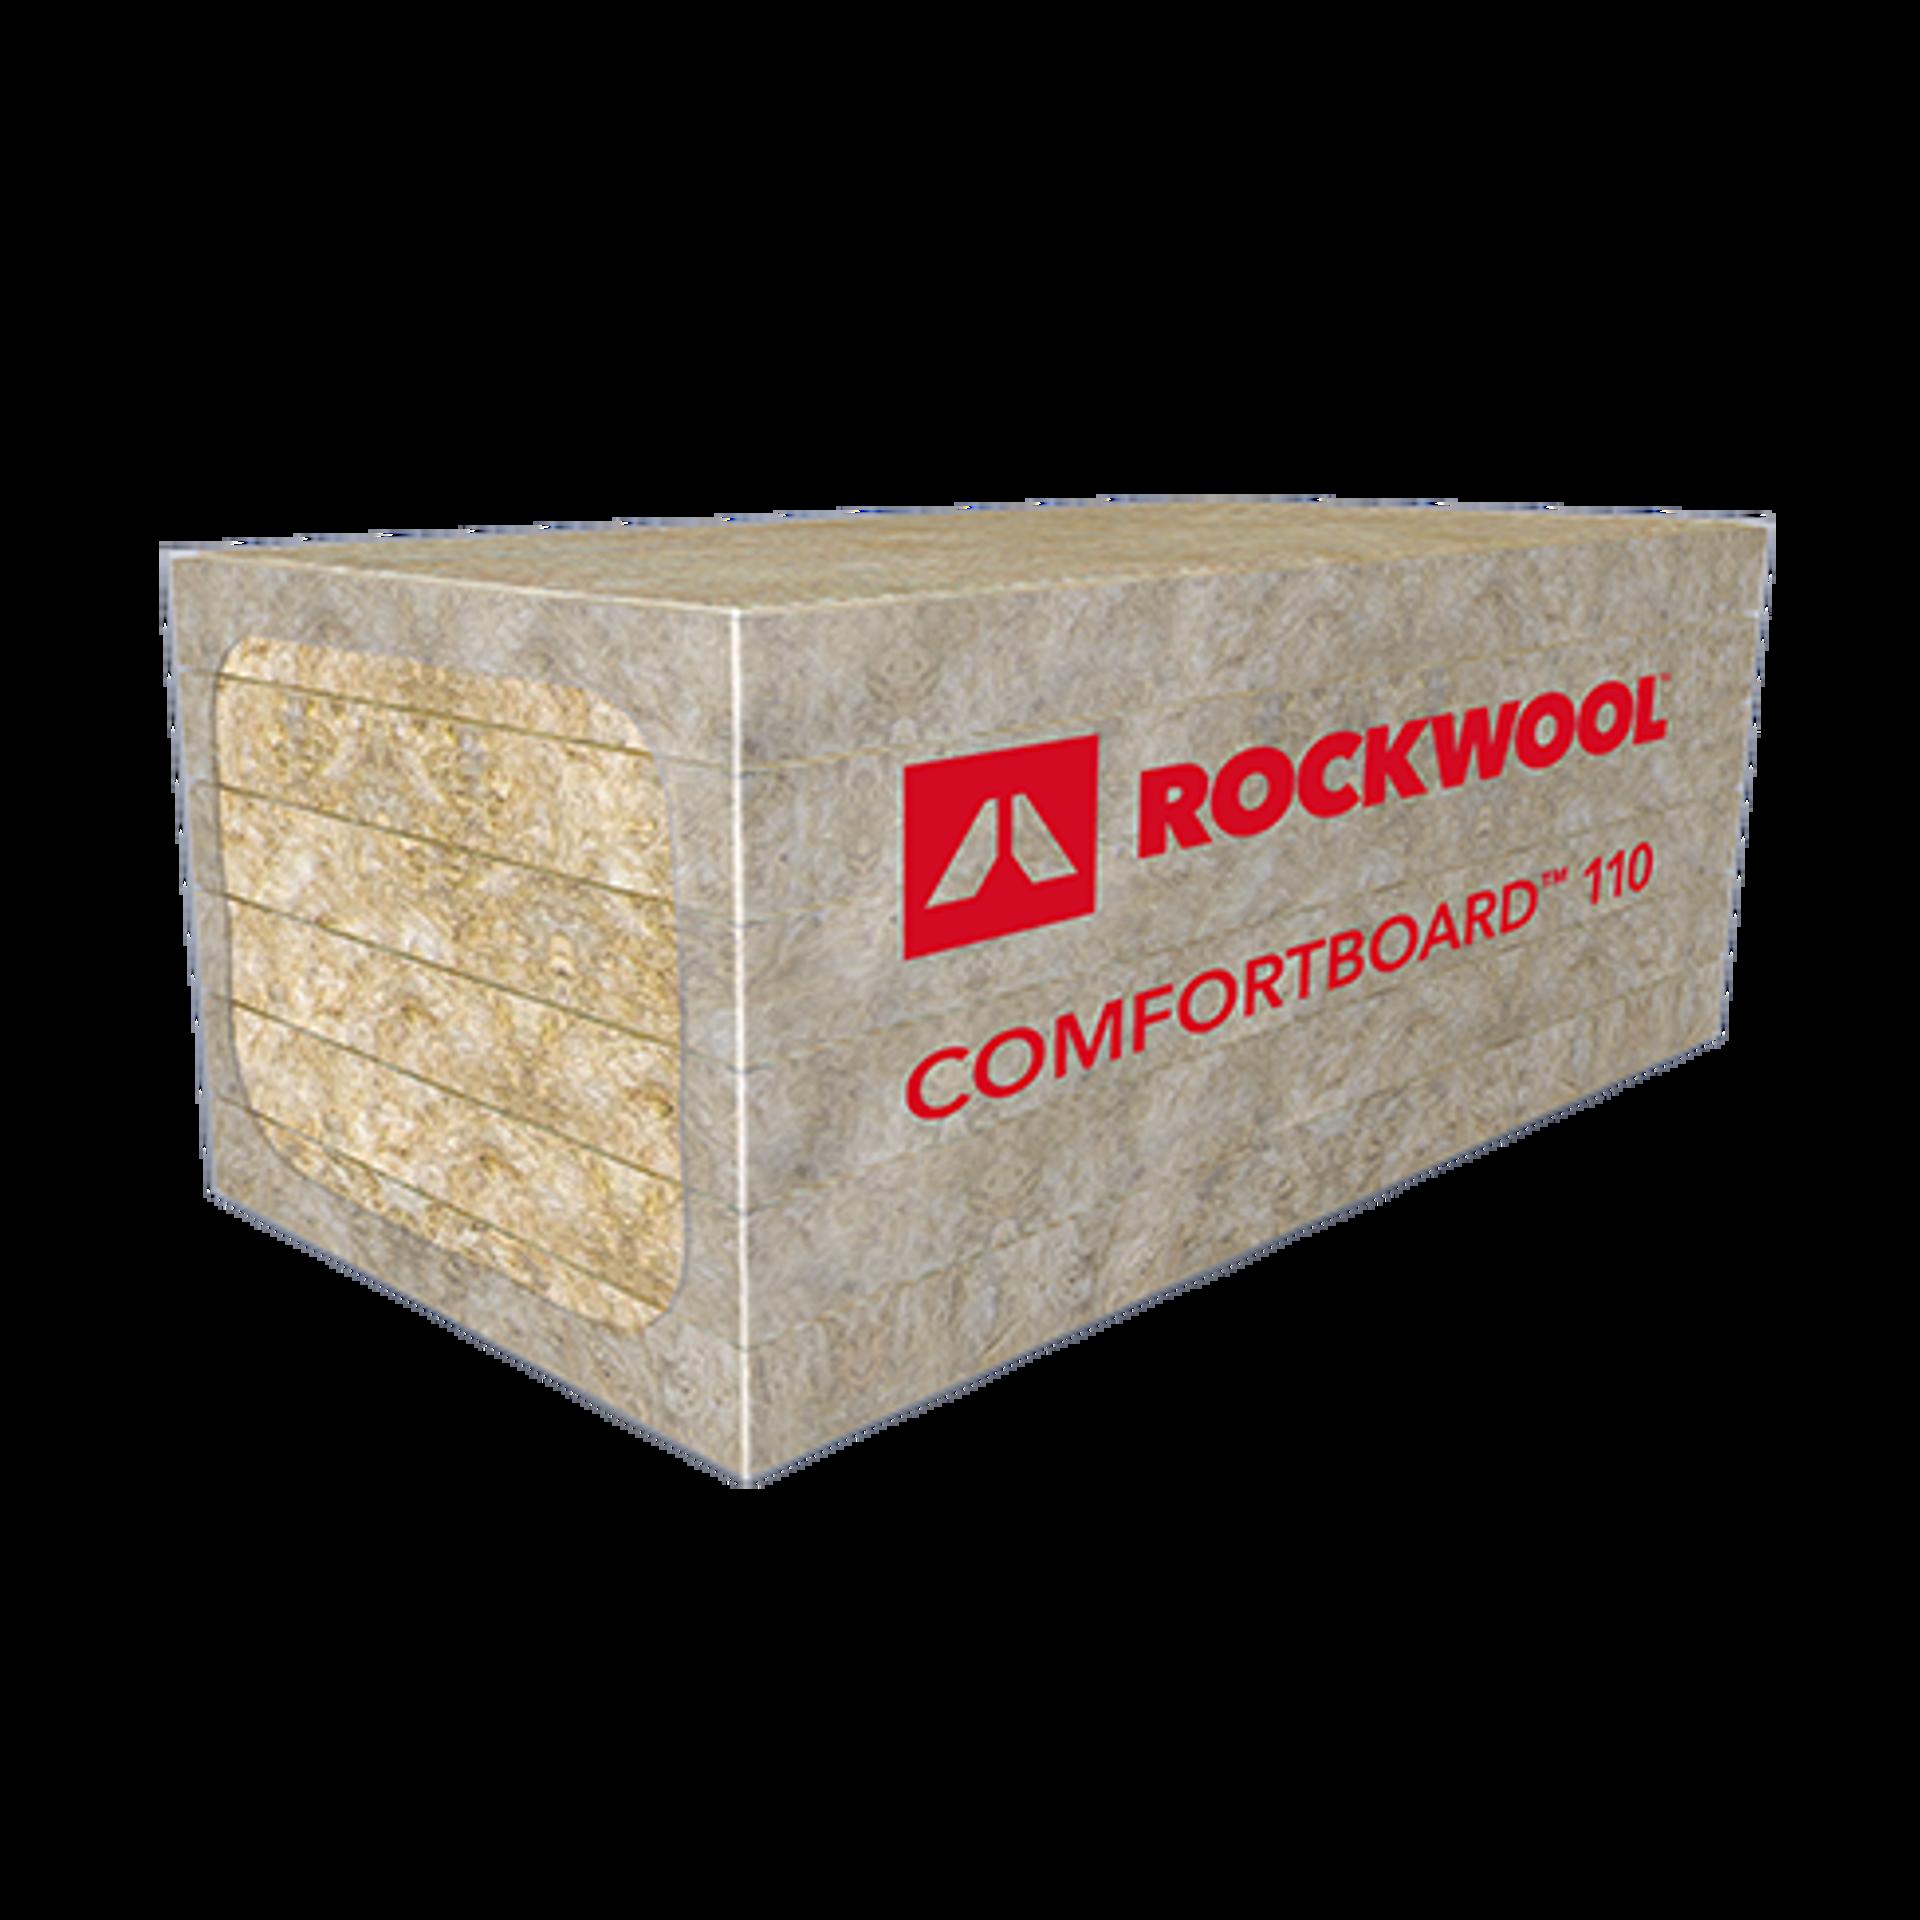 ROCKWOOL Comfortboard 110